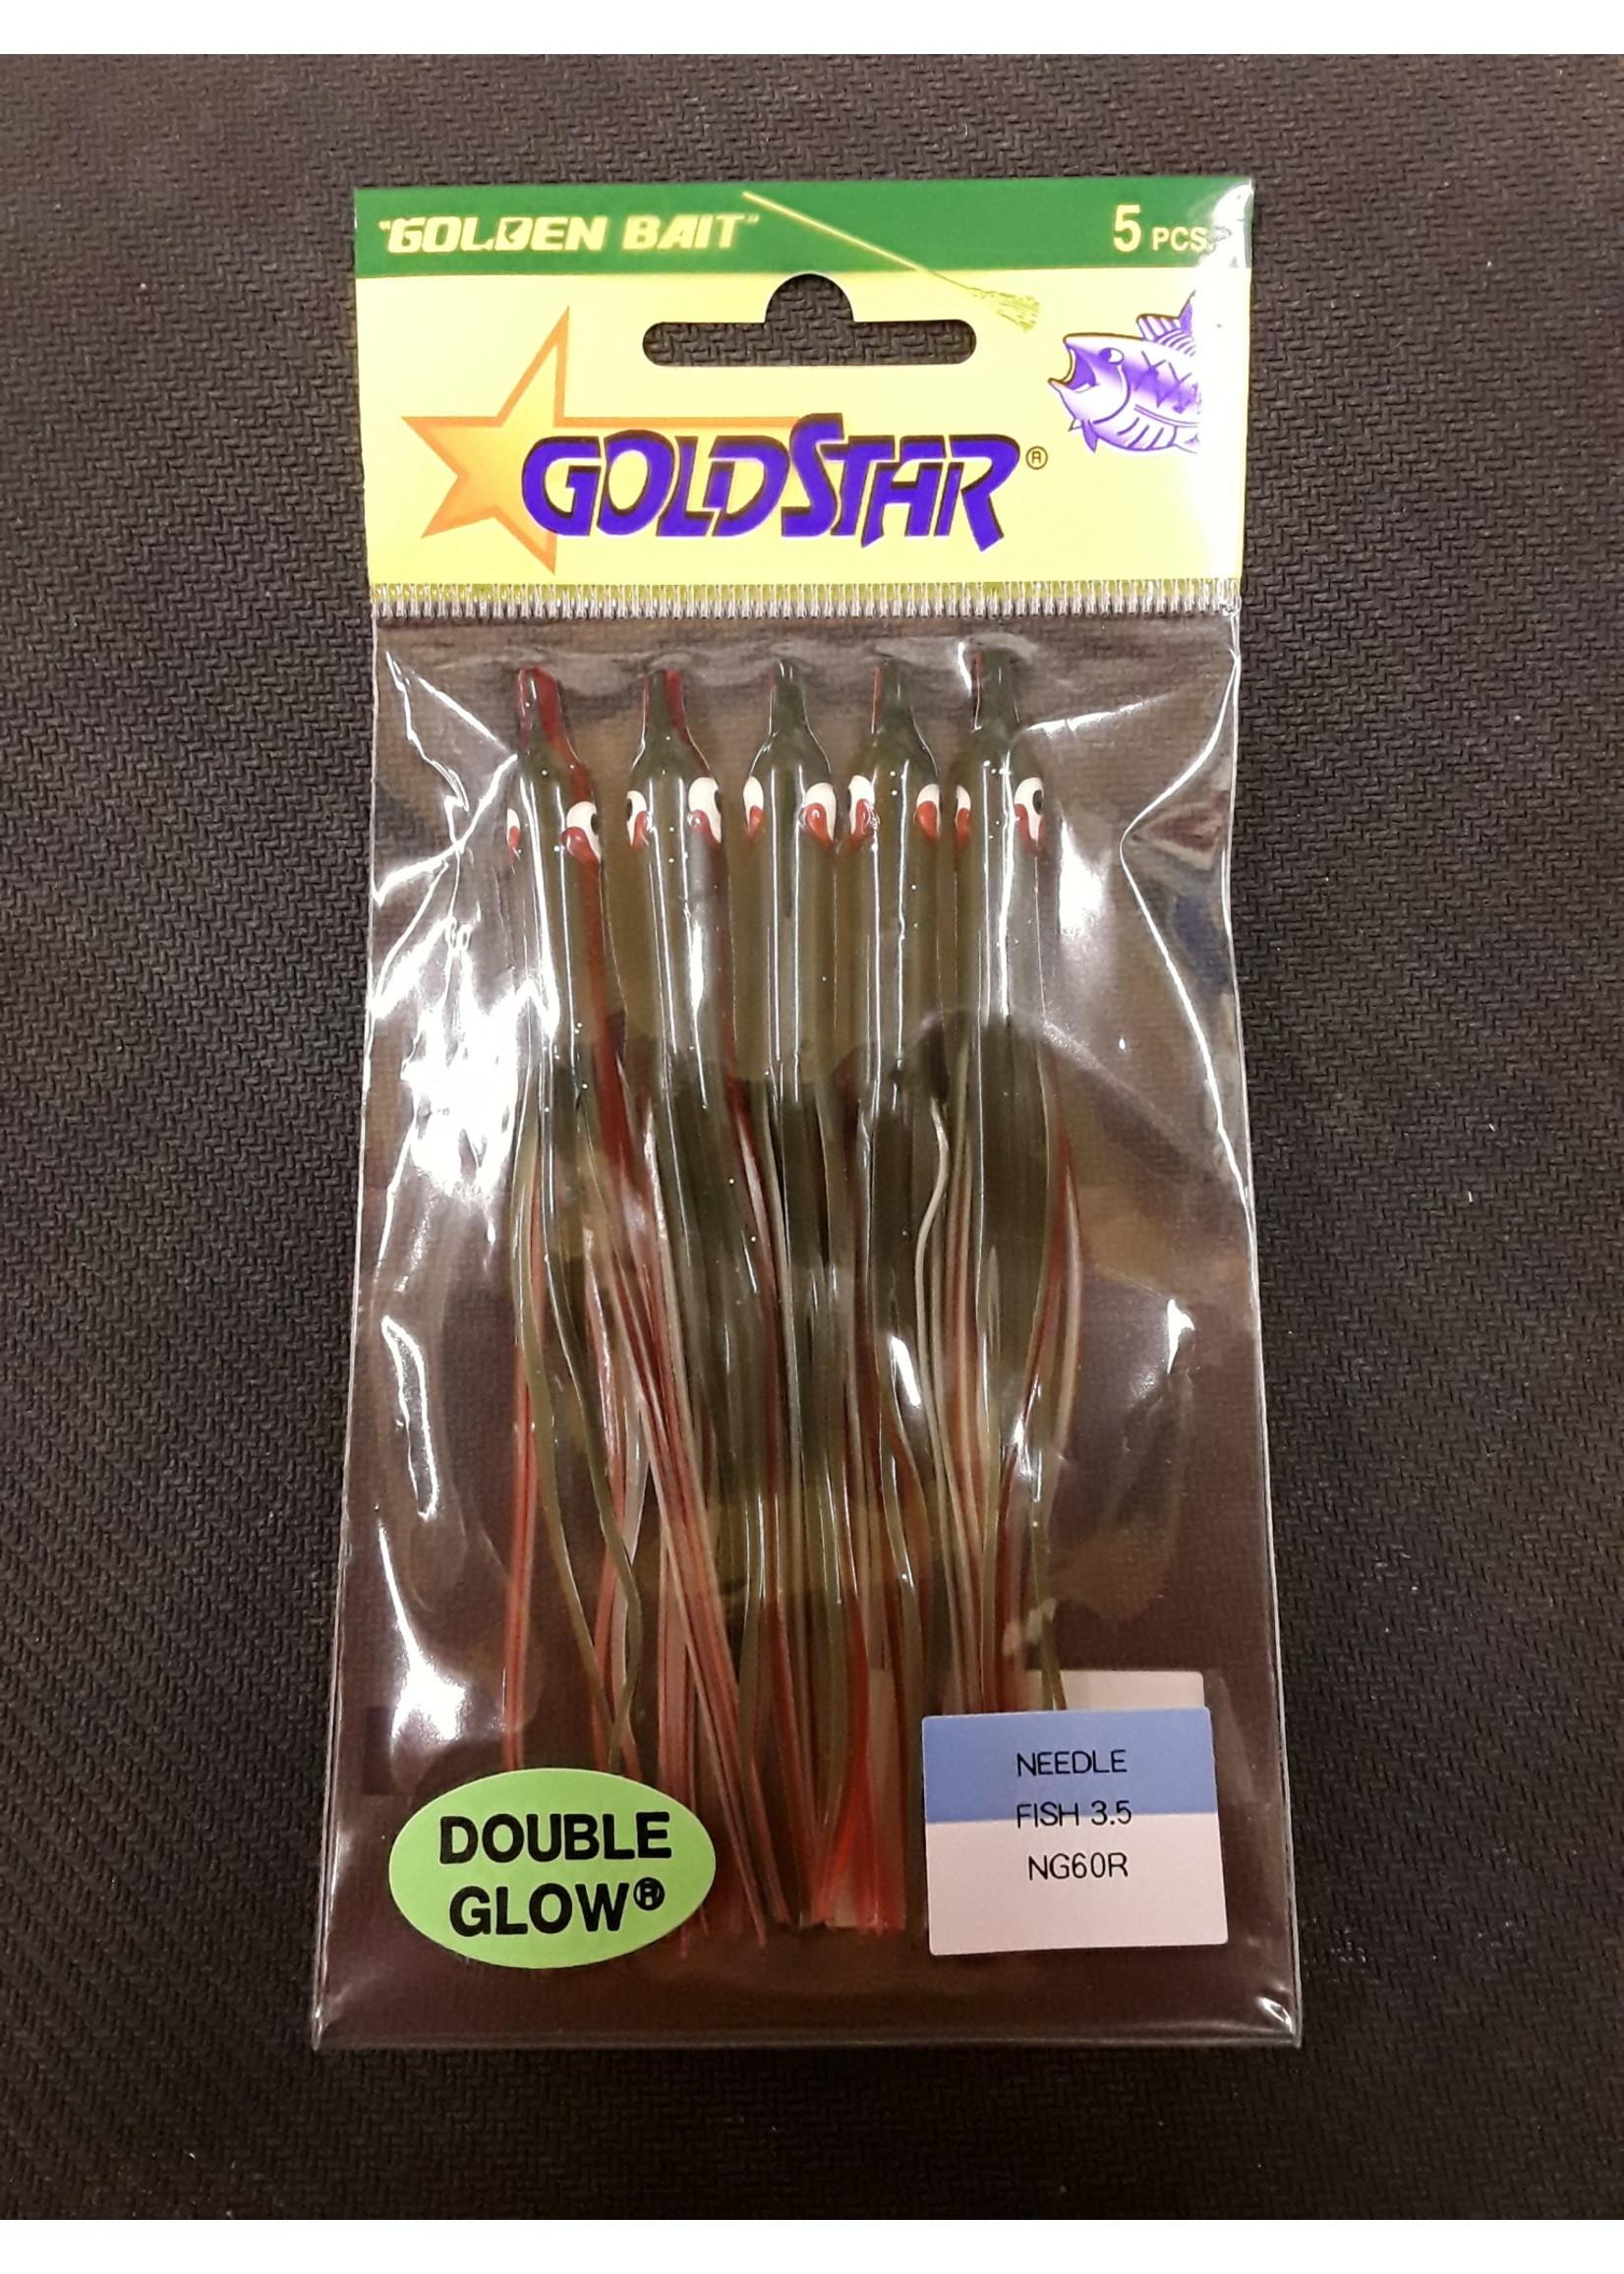 SILVER HORDE Gold Star Needlefish 5pk 1390-8060